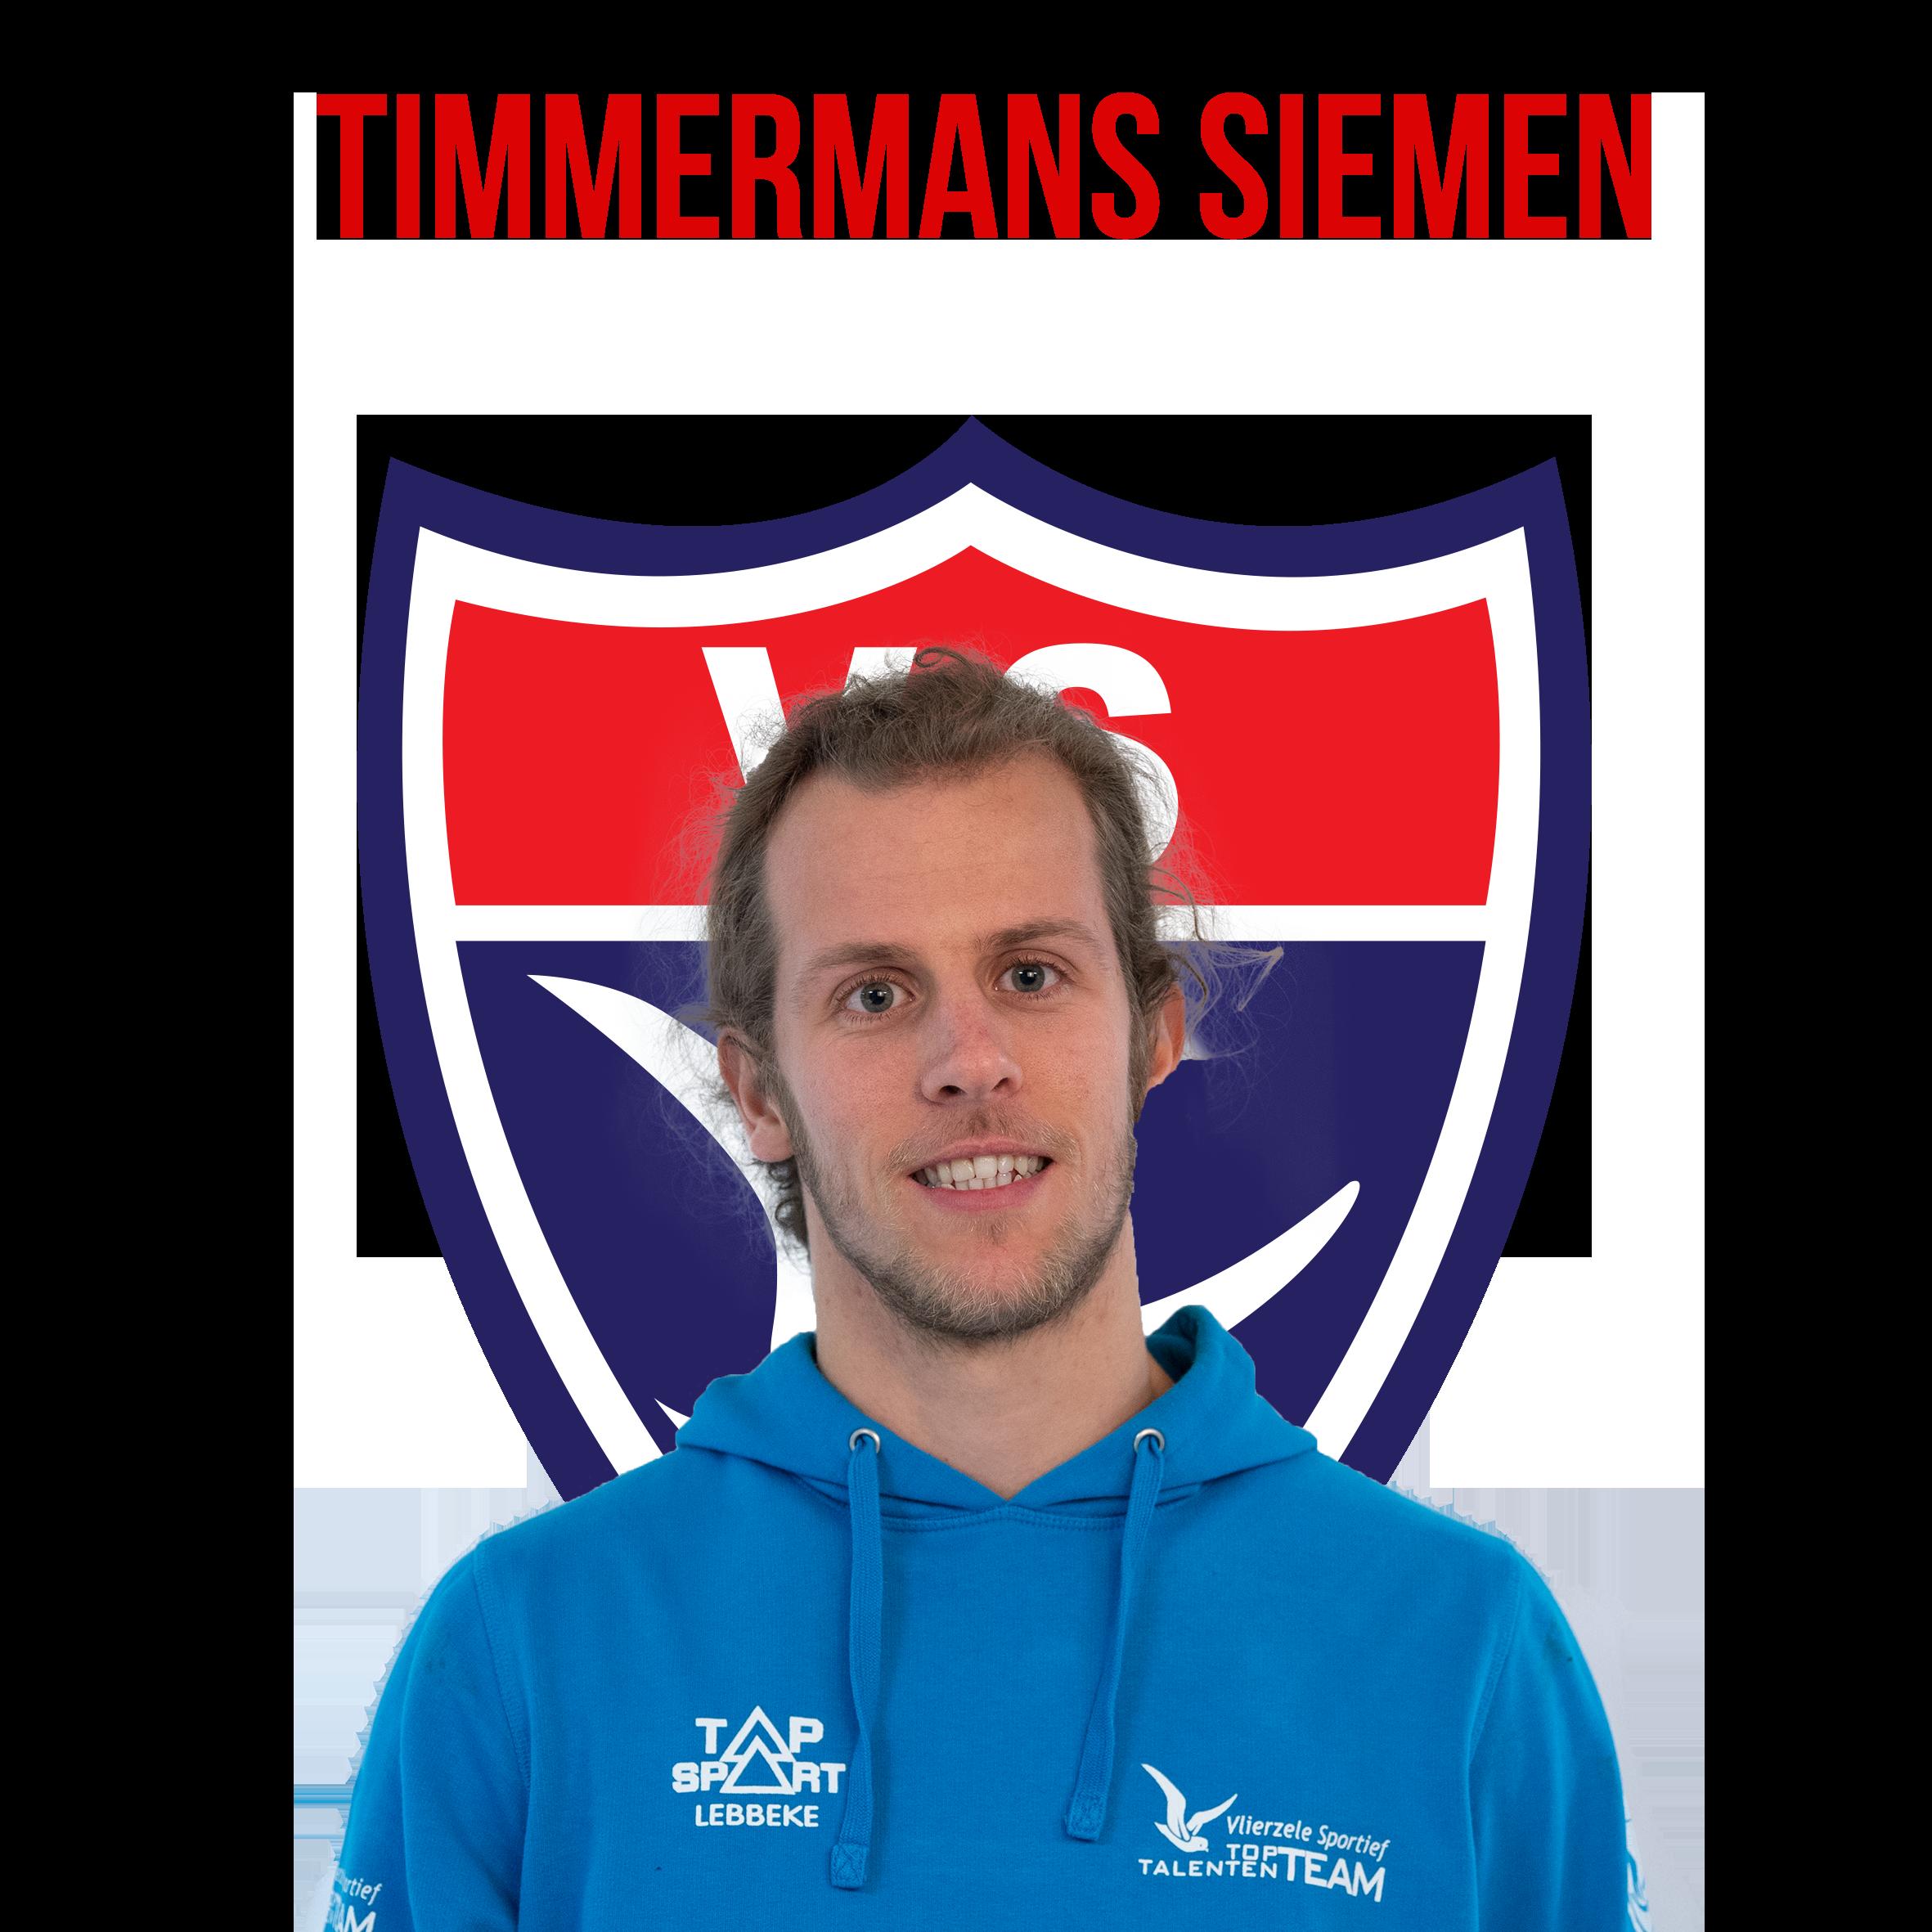 Timmermans_siemen